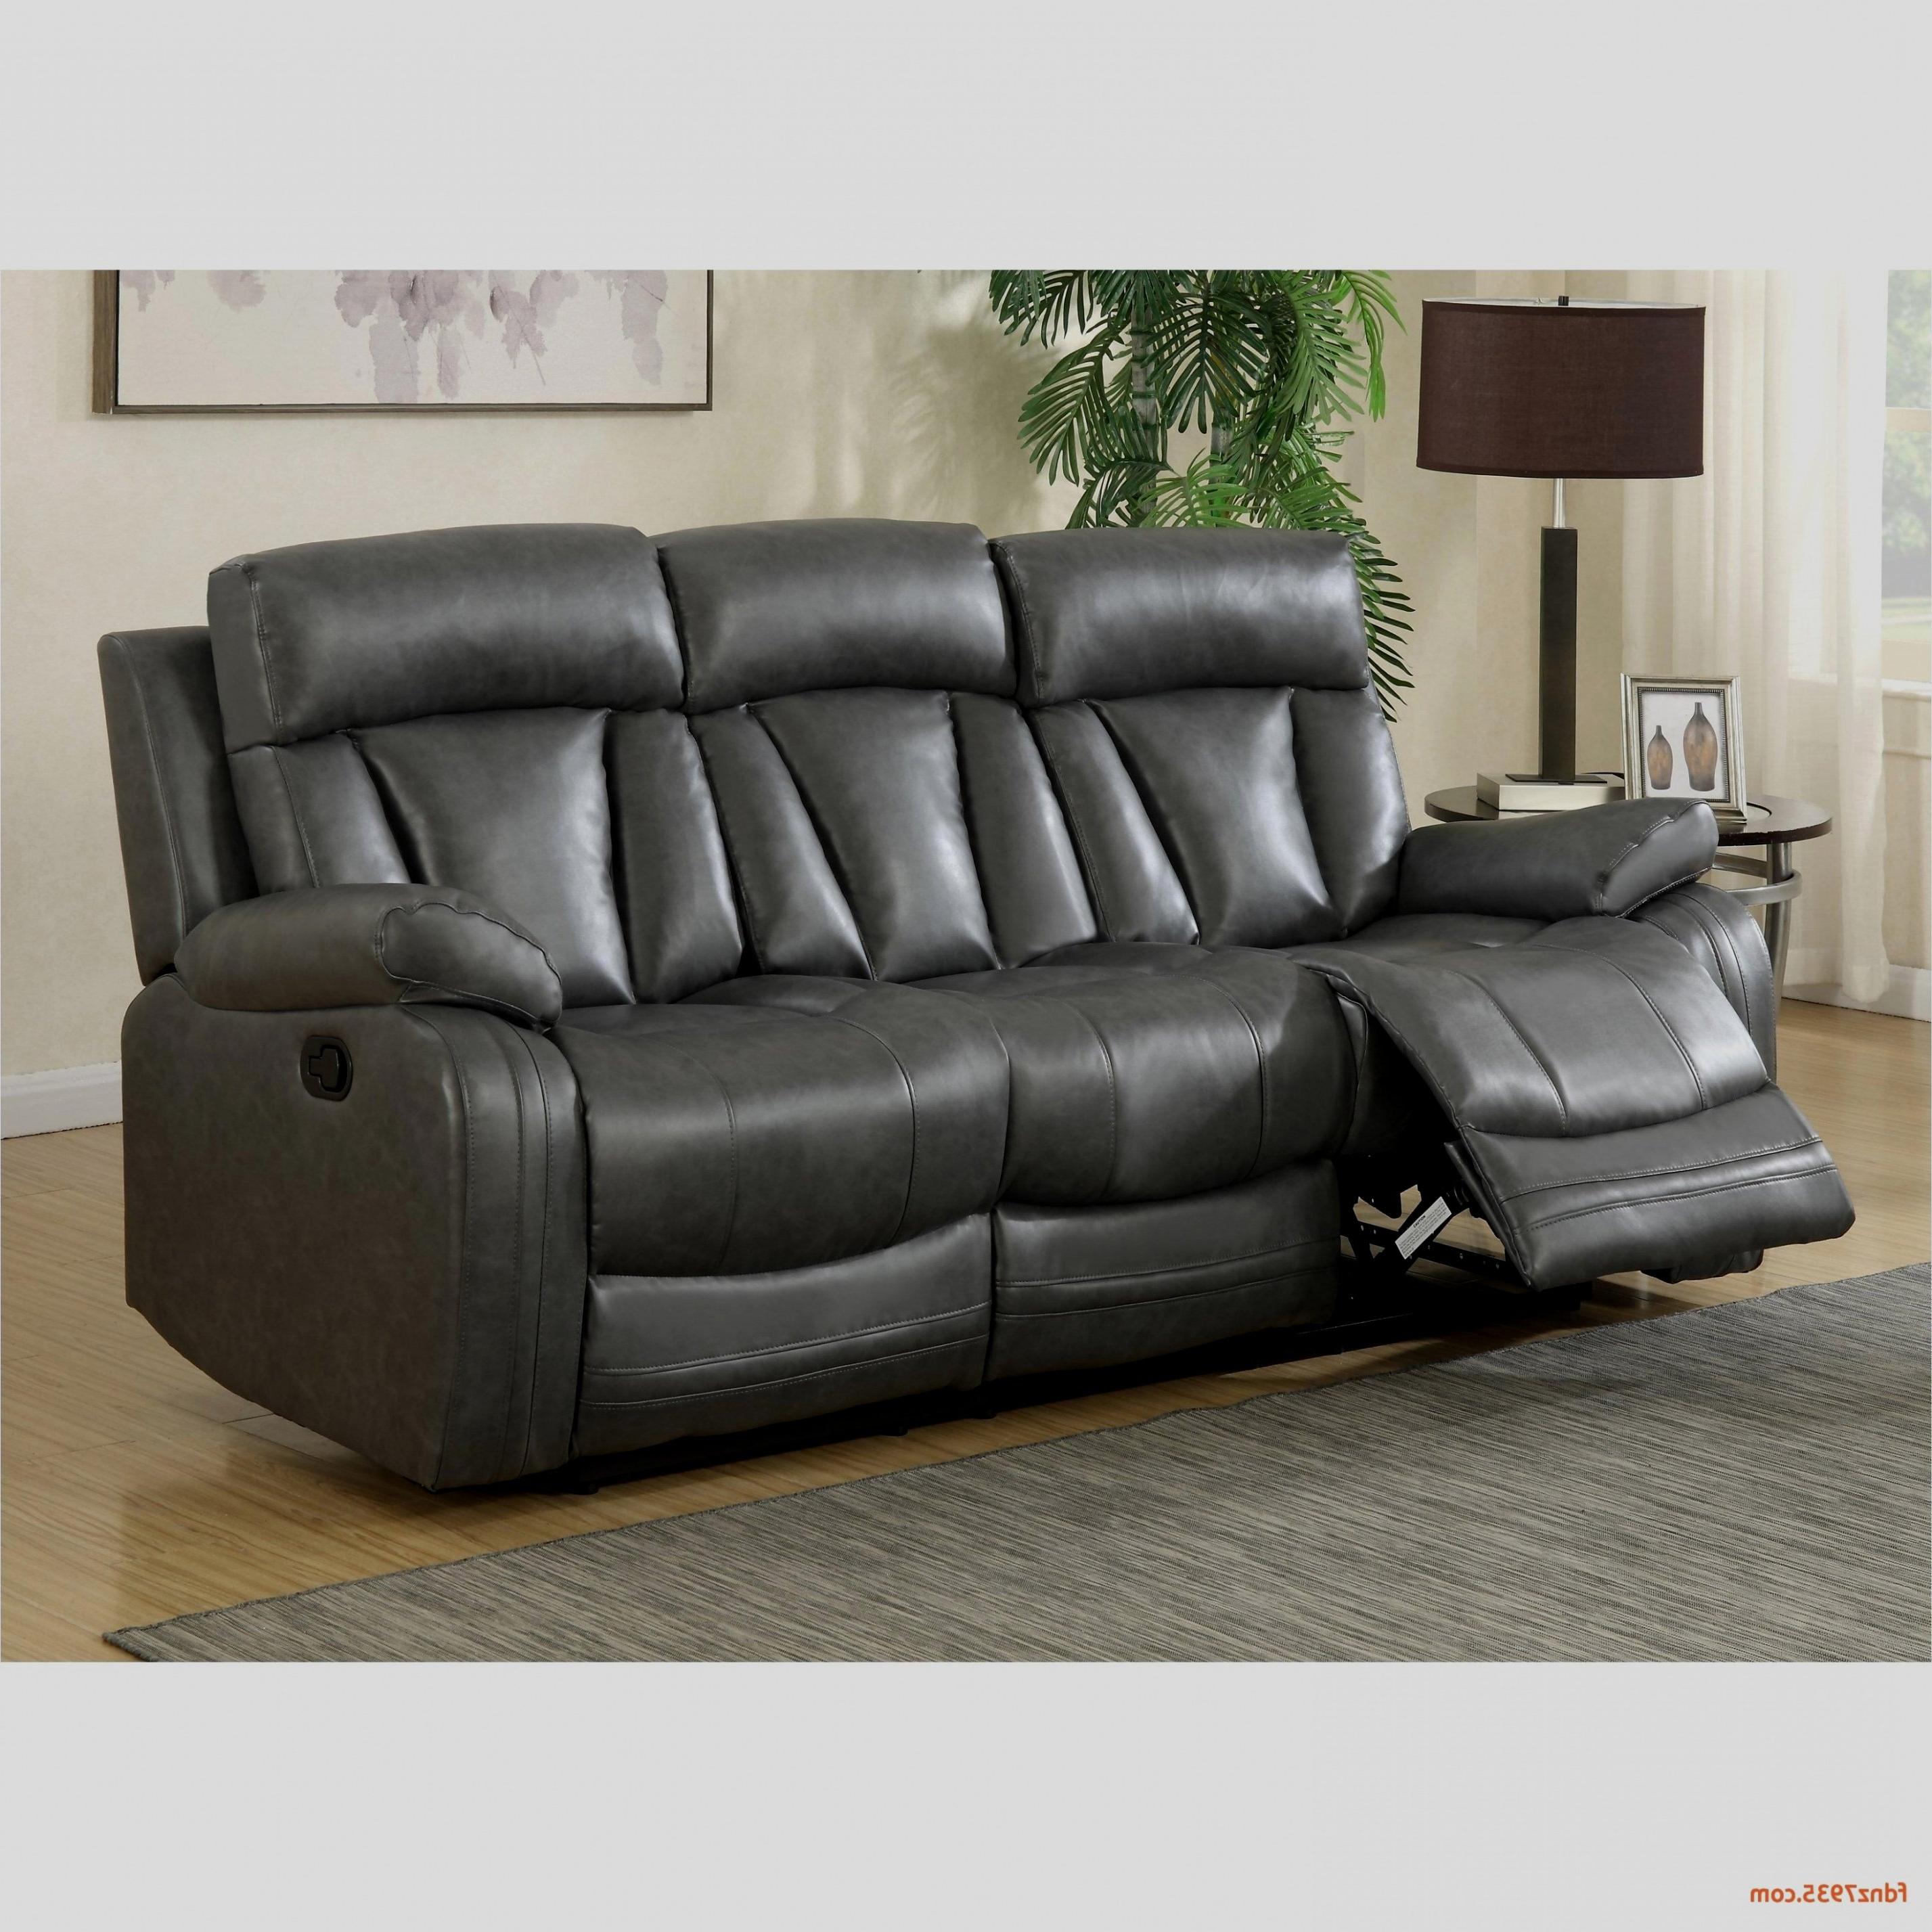 Sofa Webstoff Gallery Of Gro For Bazaar Small Couchtisch Sofa